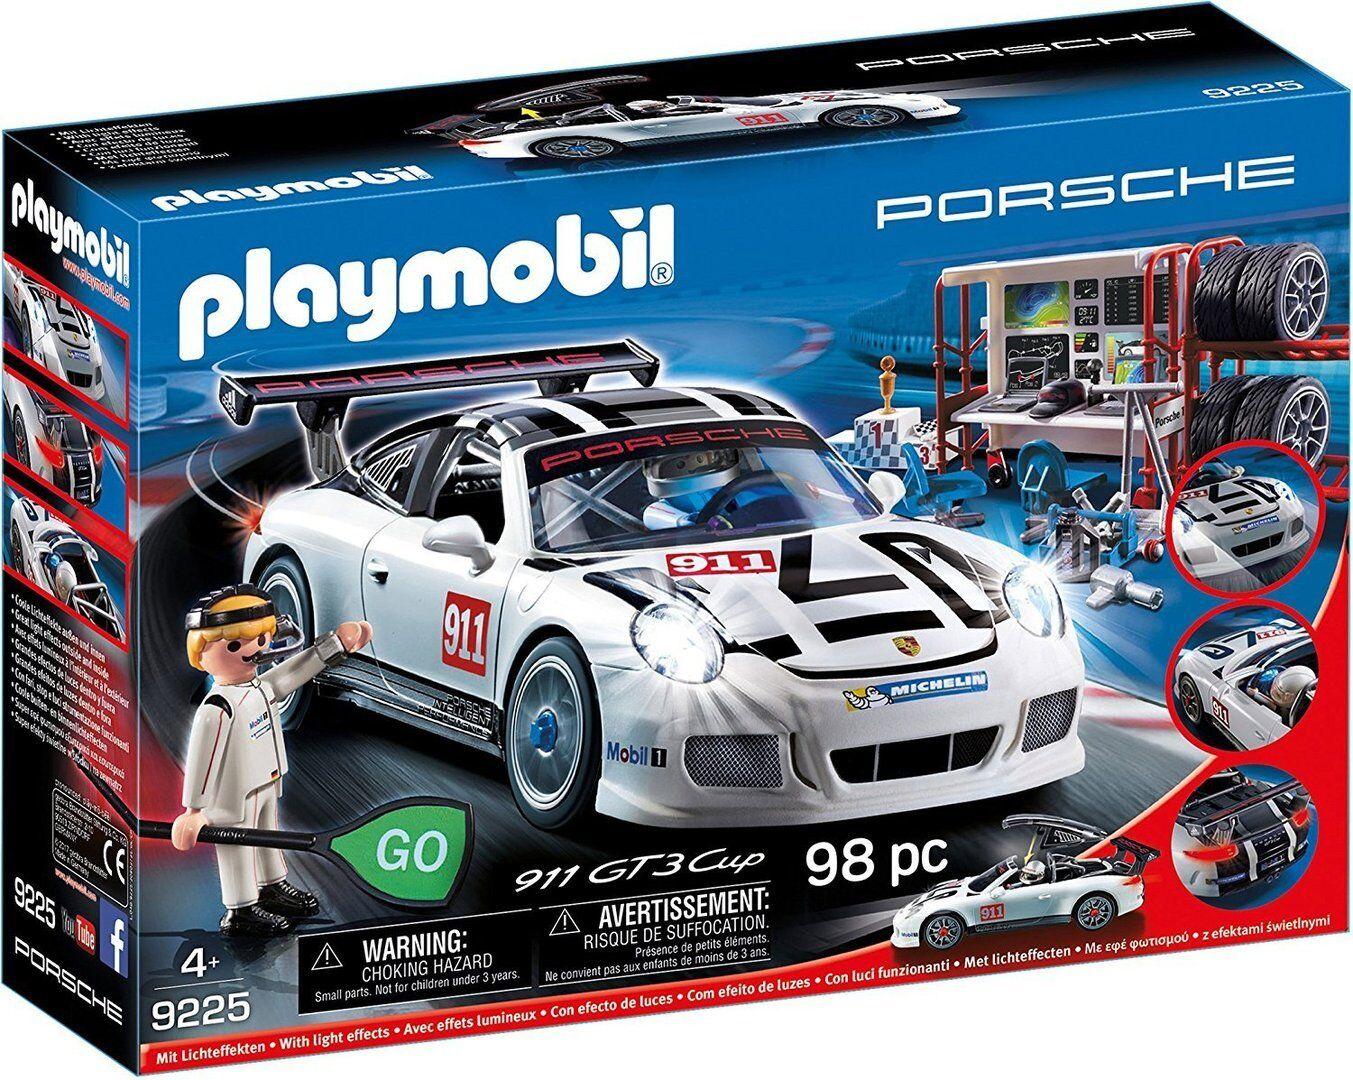 Playmobil Playmobil Playmobil 9225 - Porsche 911 GT3 Cup - NUEVO  precios ultra bajos